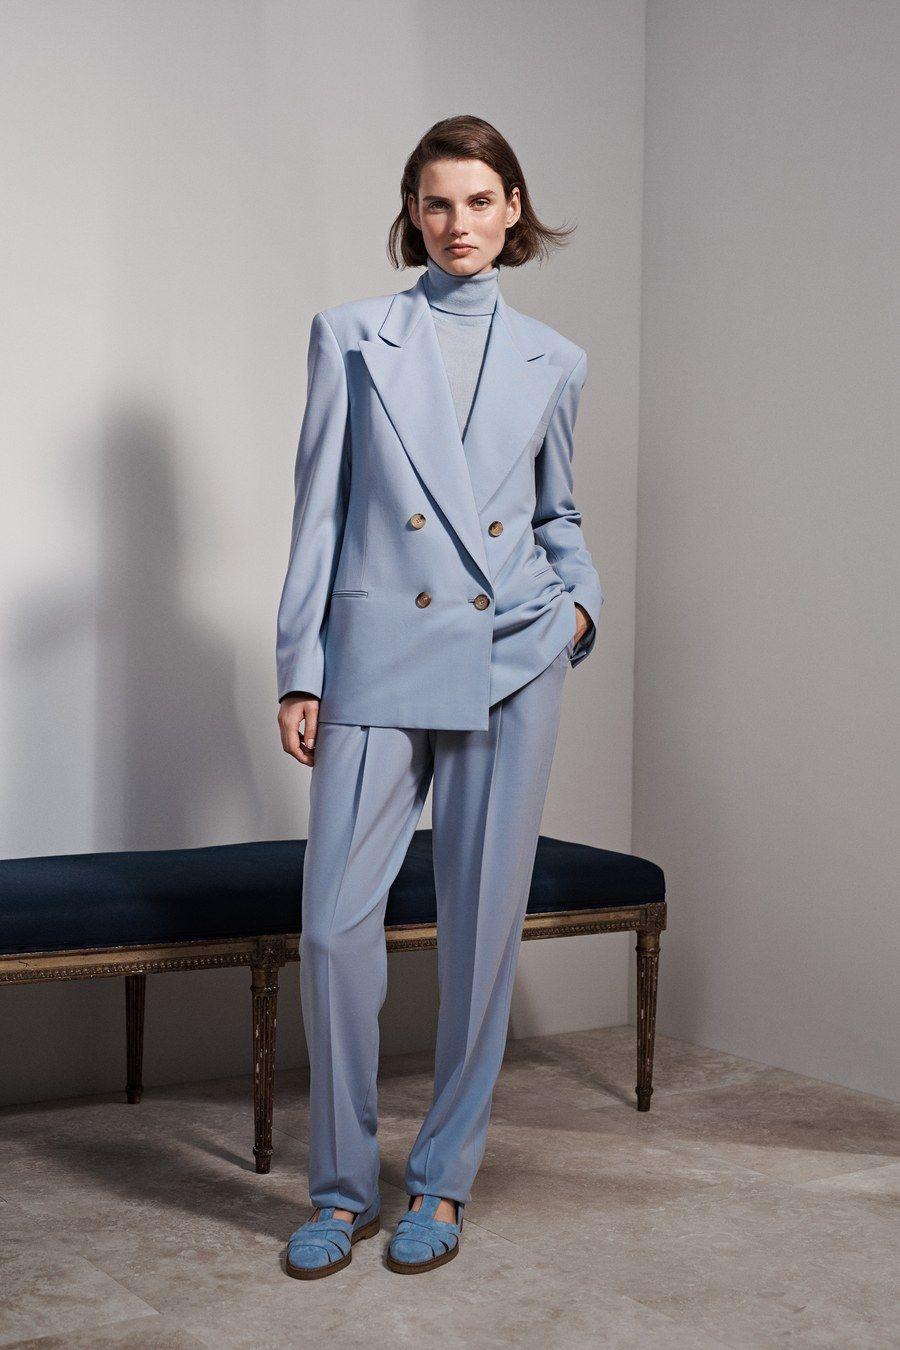 Ralph Lauren Resort 2019 Fashion Show in 2019 | Style ...